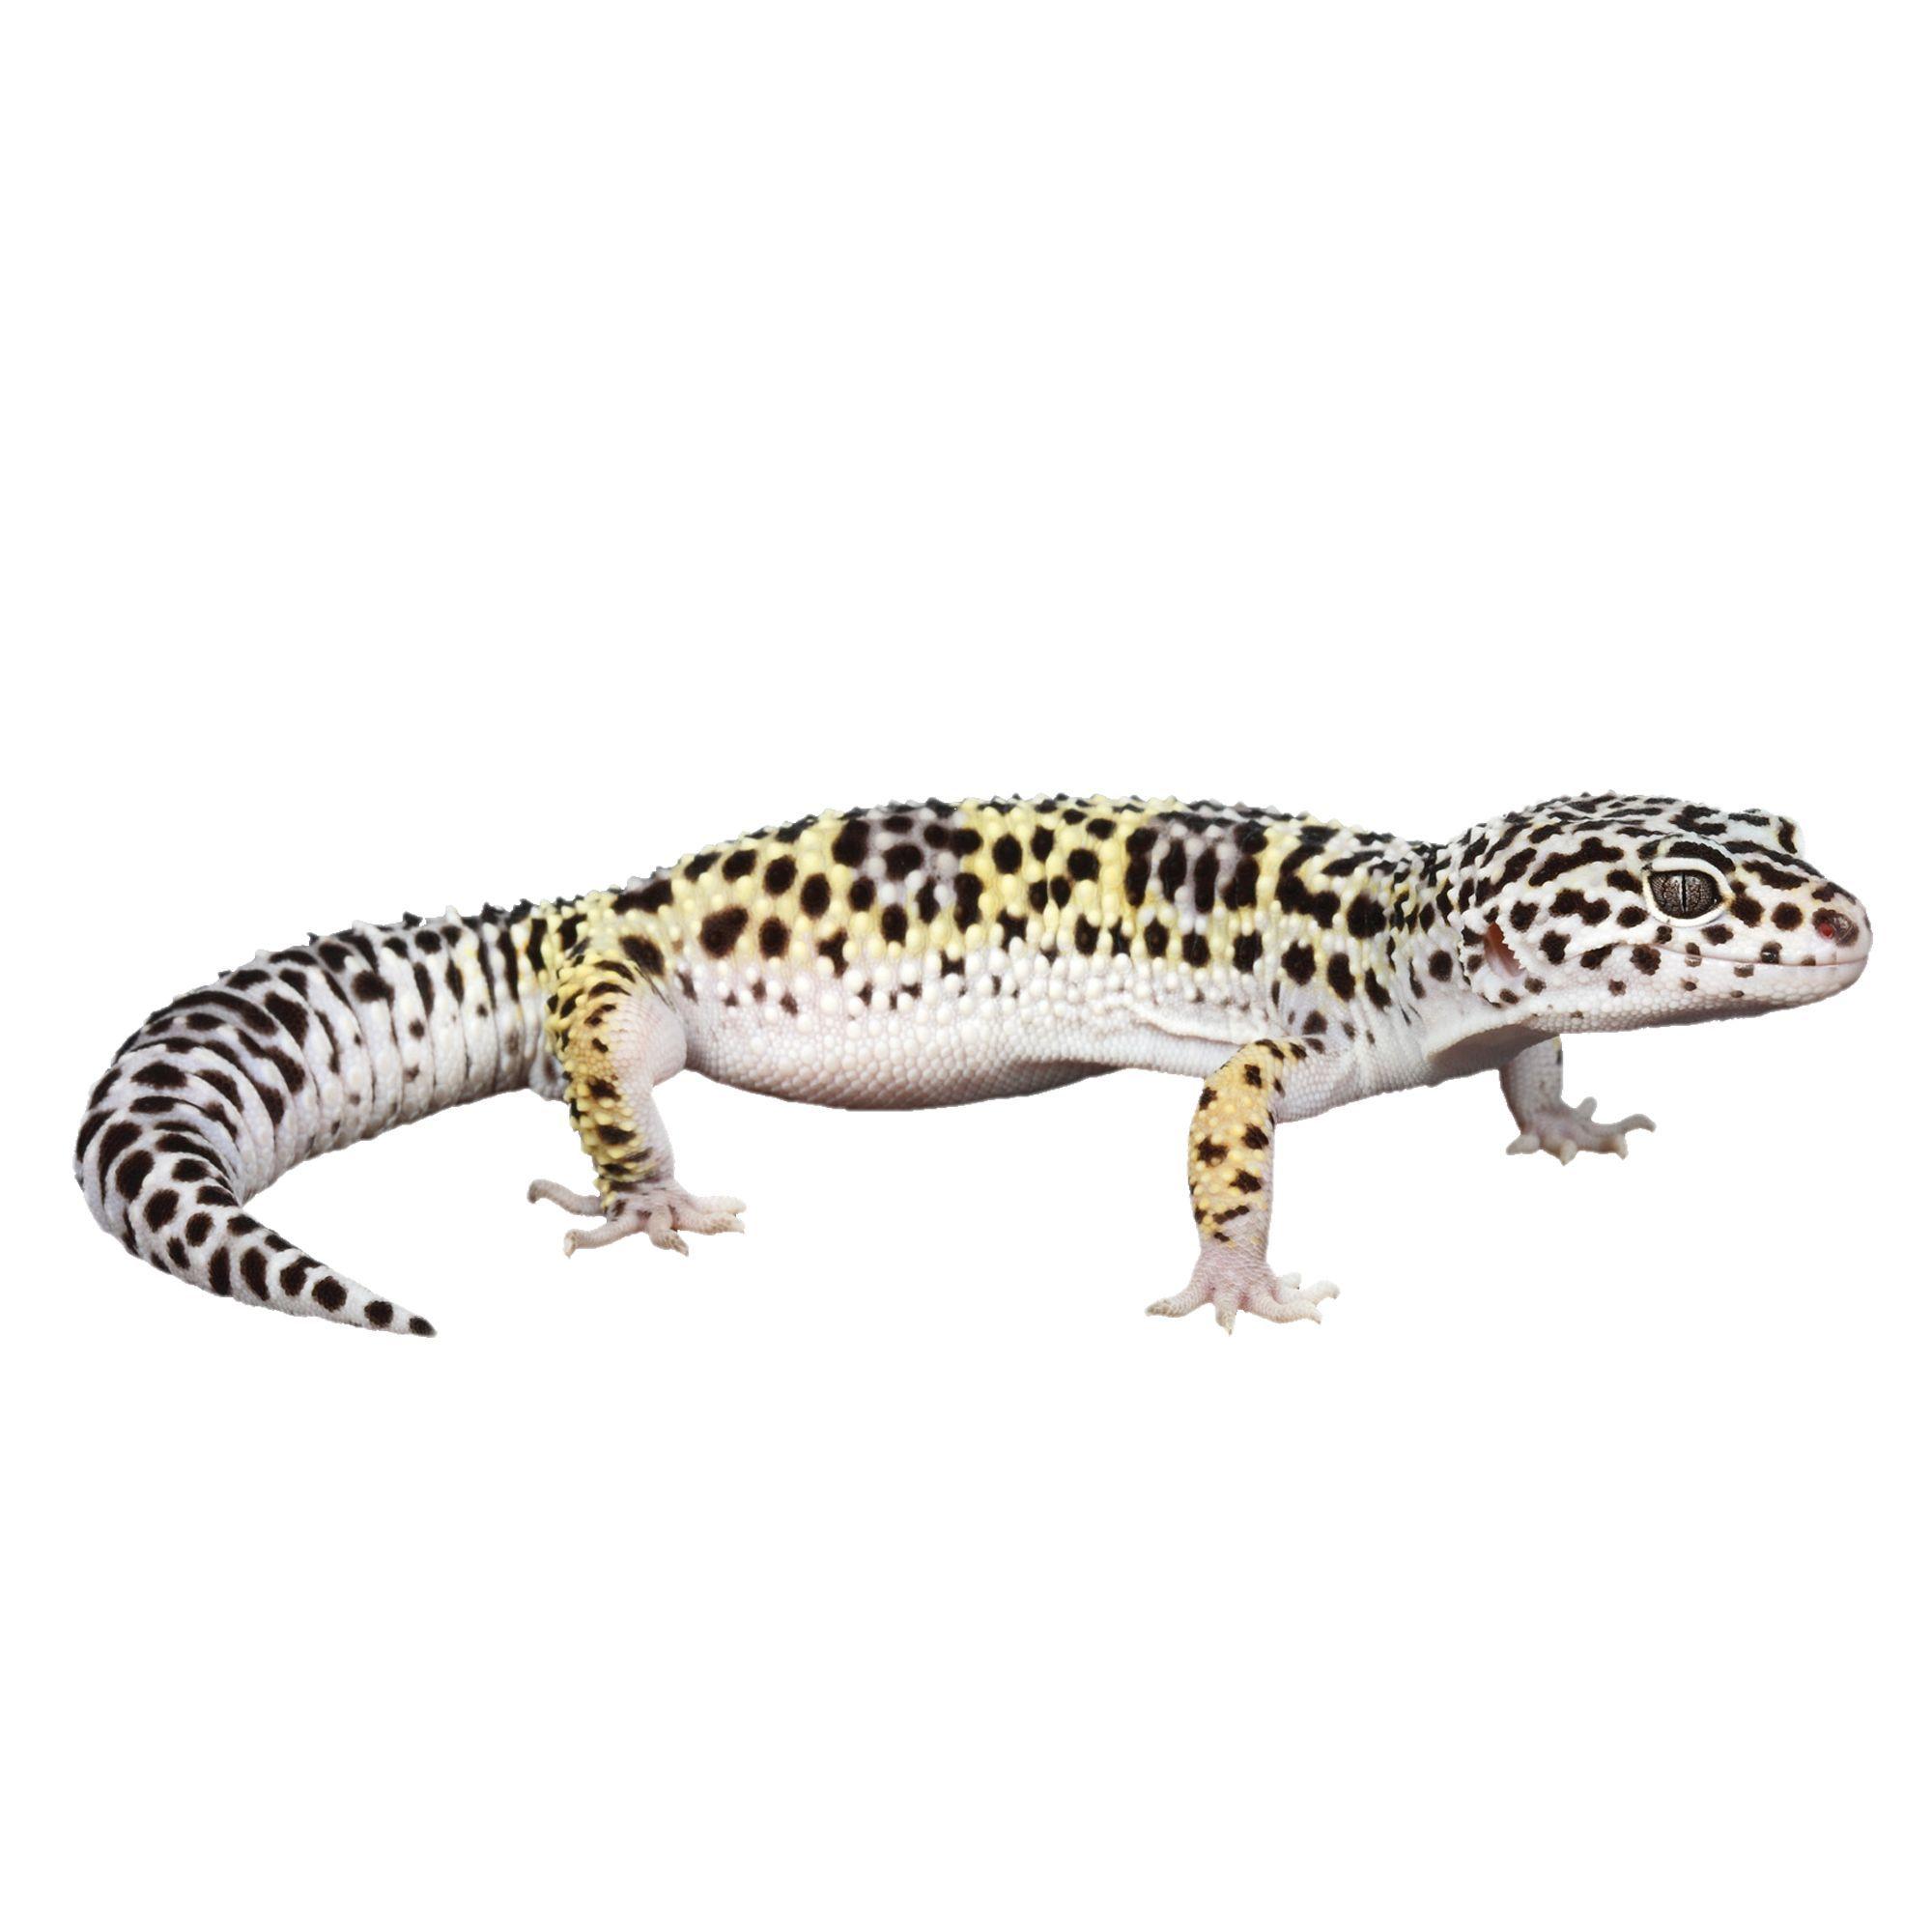 Leopard Gecko In 2020 Leopard Gecko Leopard Gecko Care Reptiles Pet